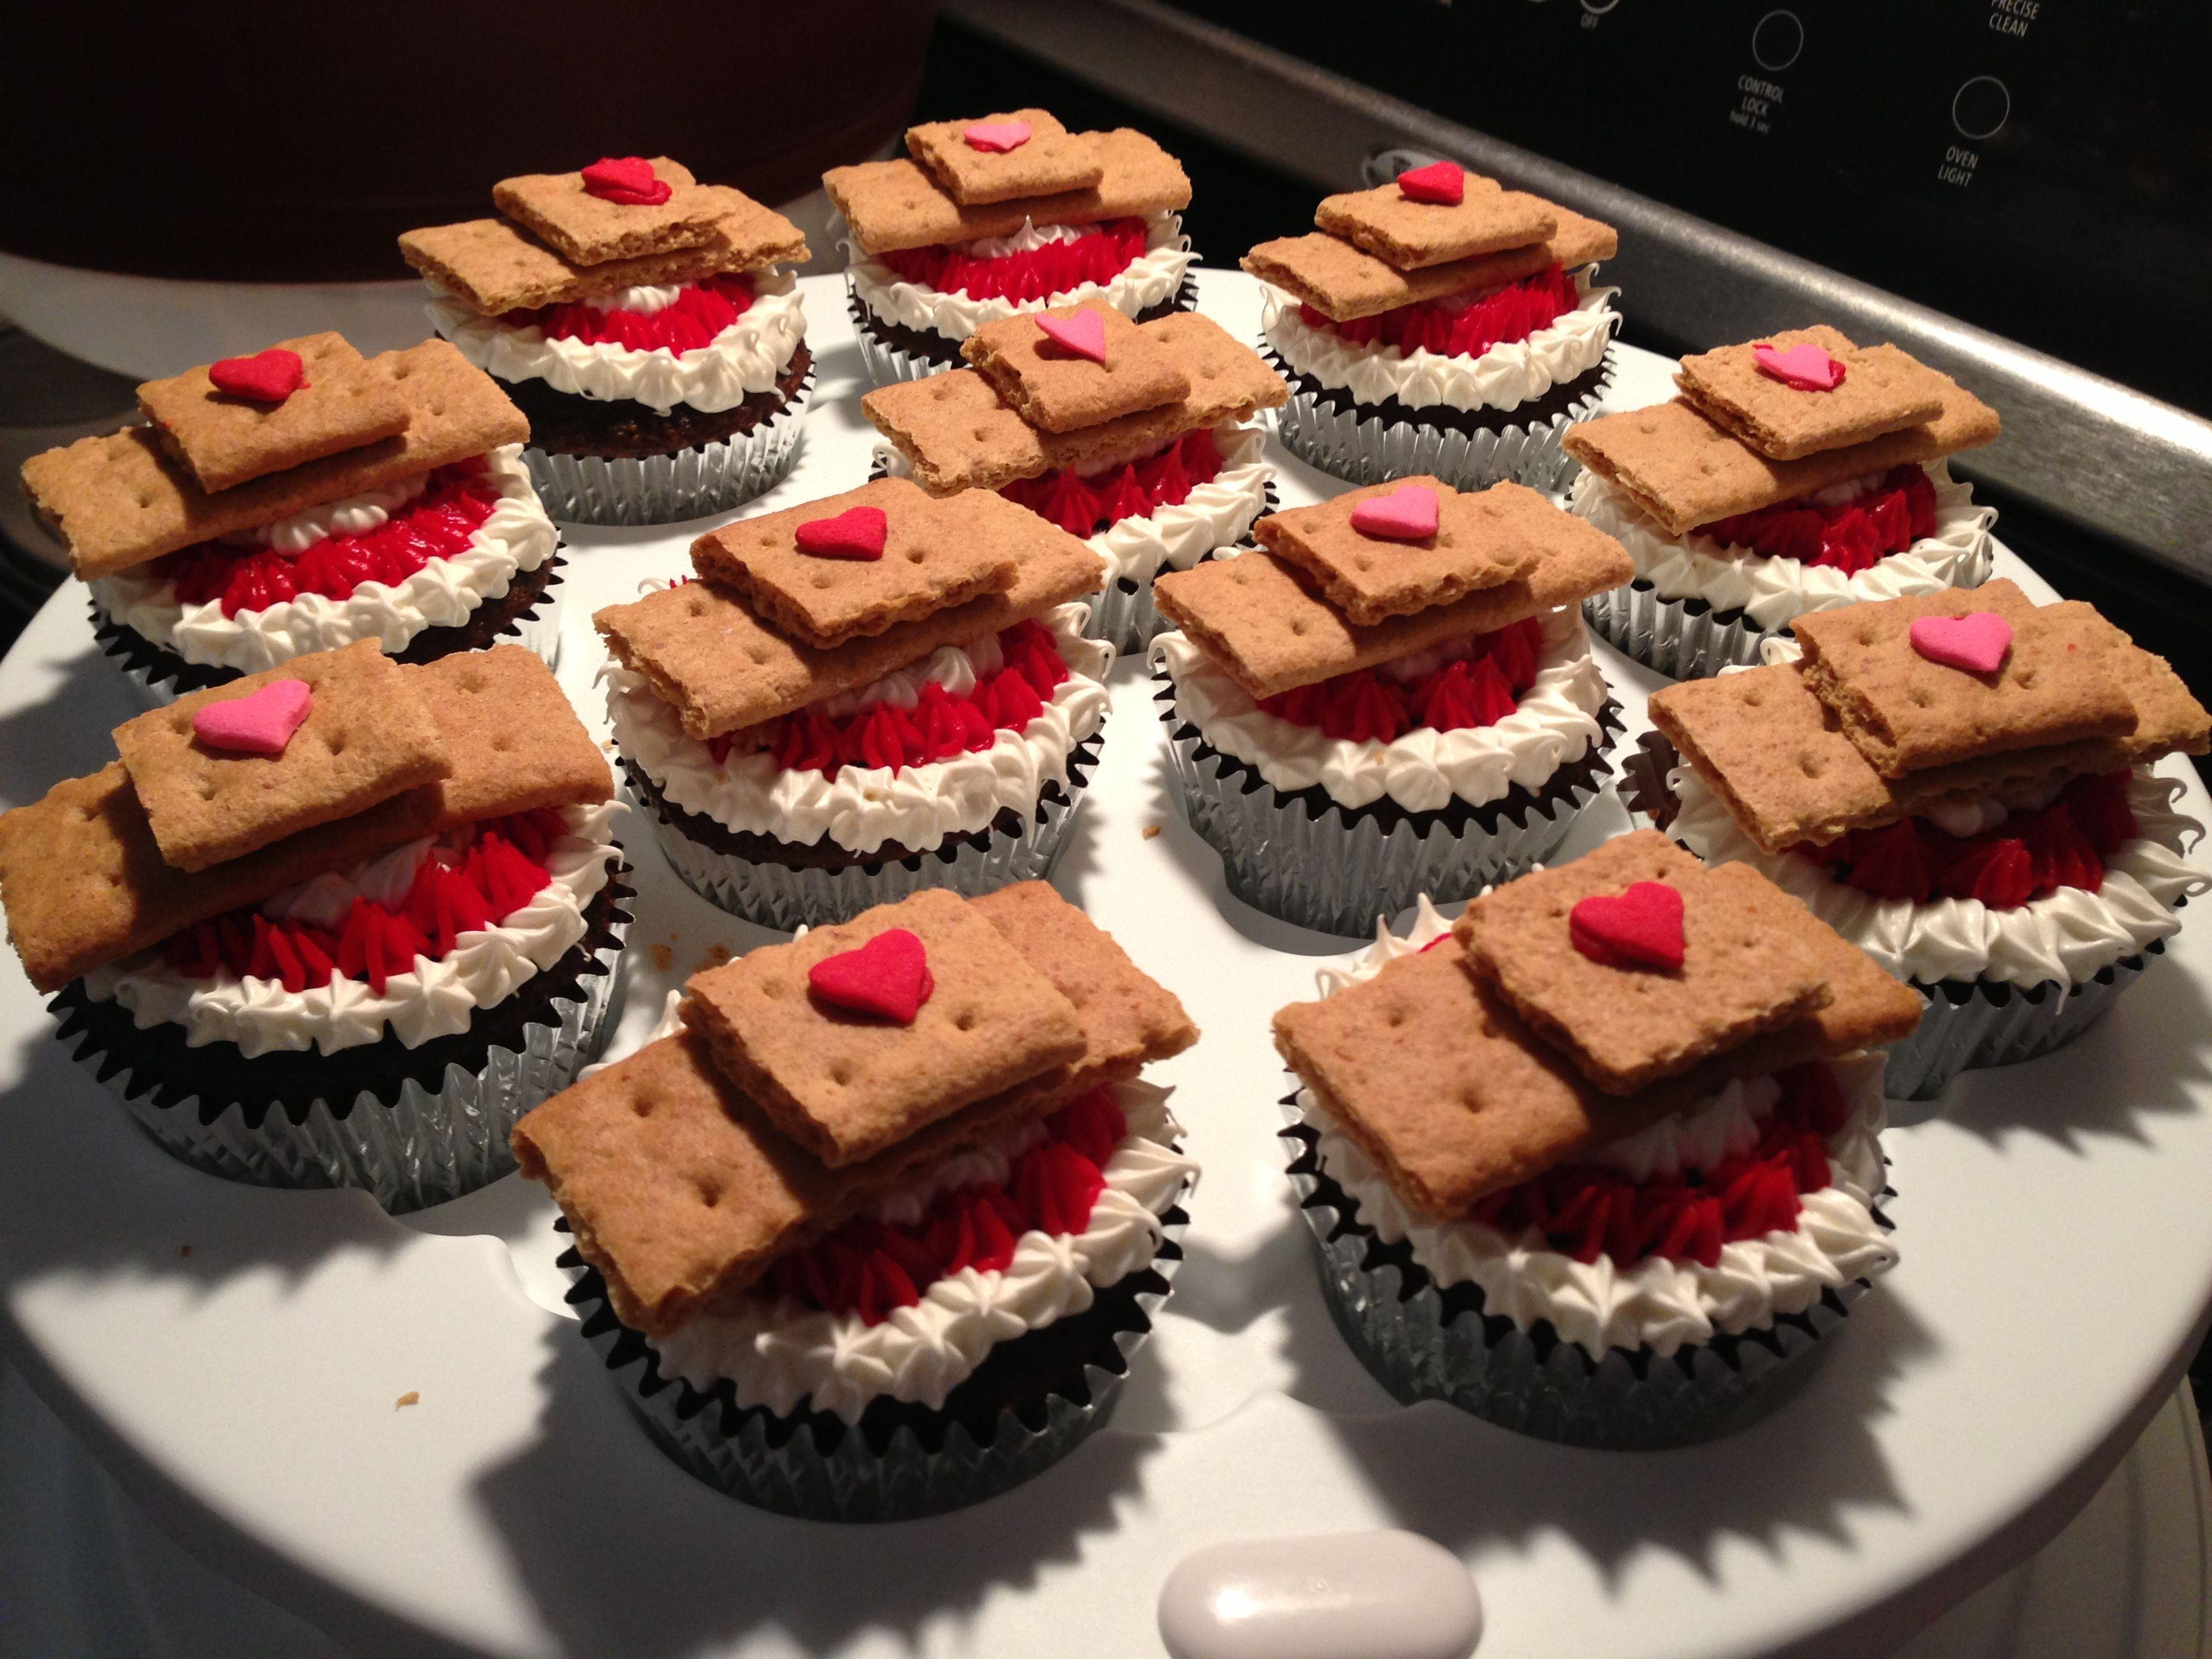 Doc mcstuffins bandages doc mcstuffins party ideas on pinterest doc - Doc Mcstuffins Cupcakes Band Aids Made With Graham Crackers